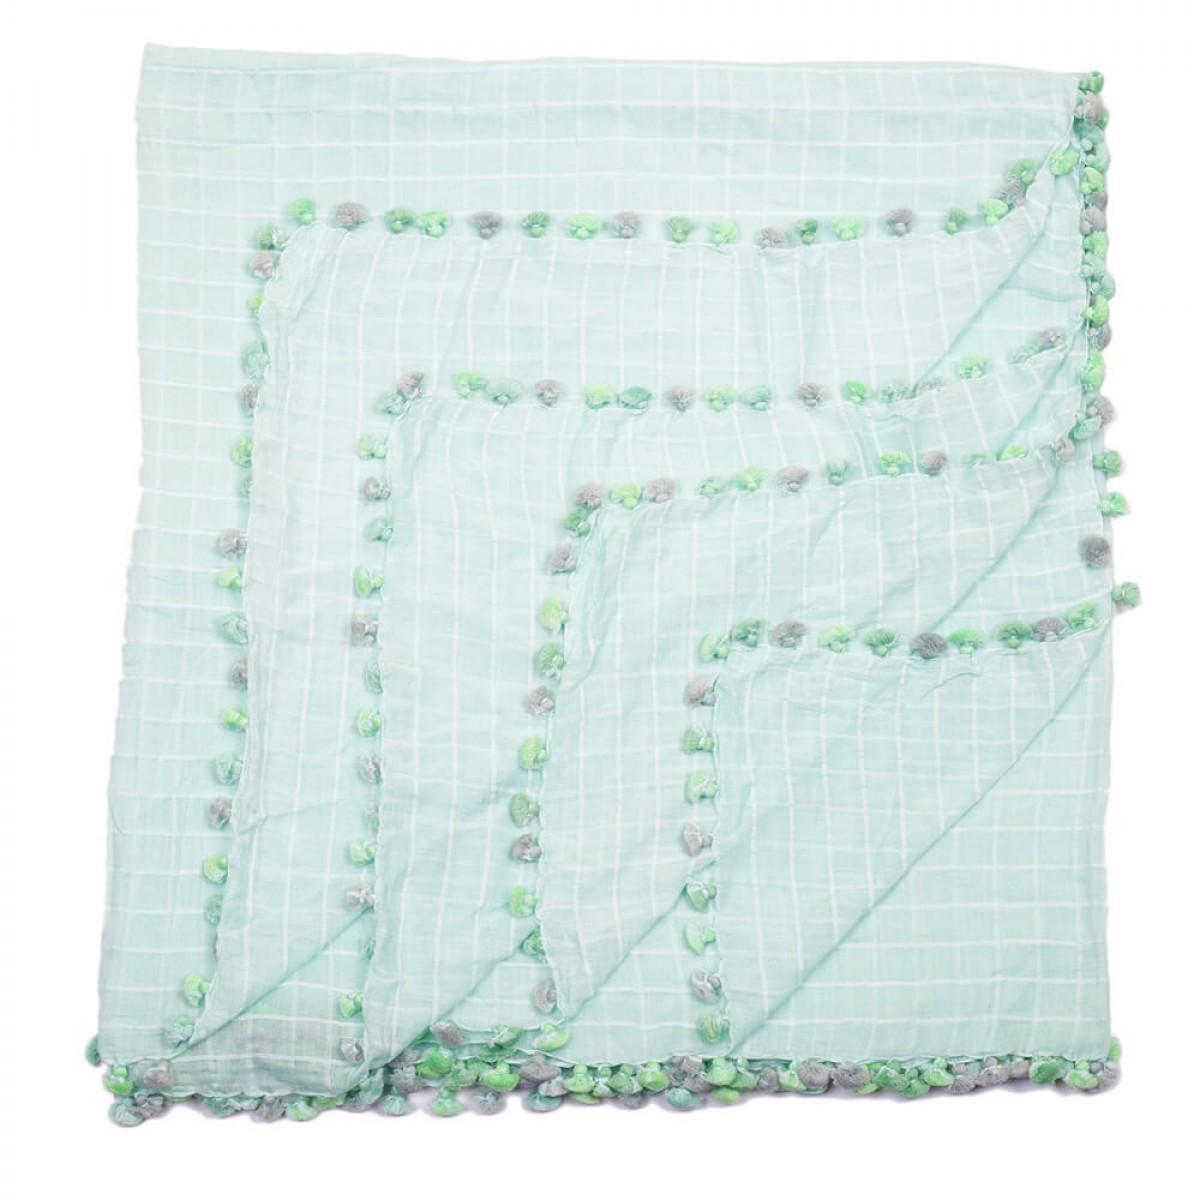 Summer Cotton Scarves - Teal